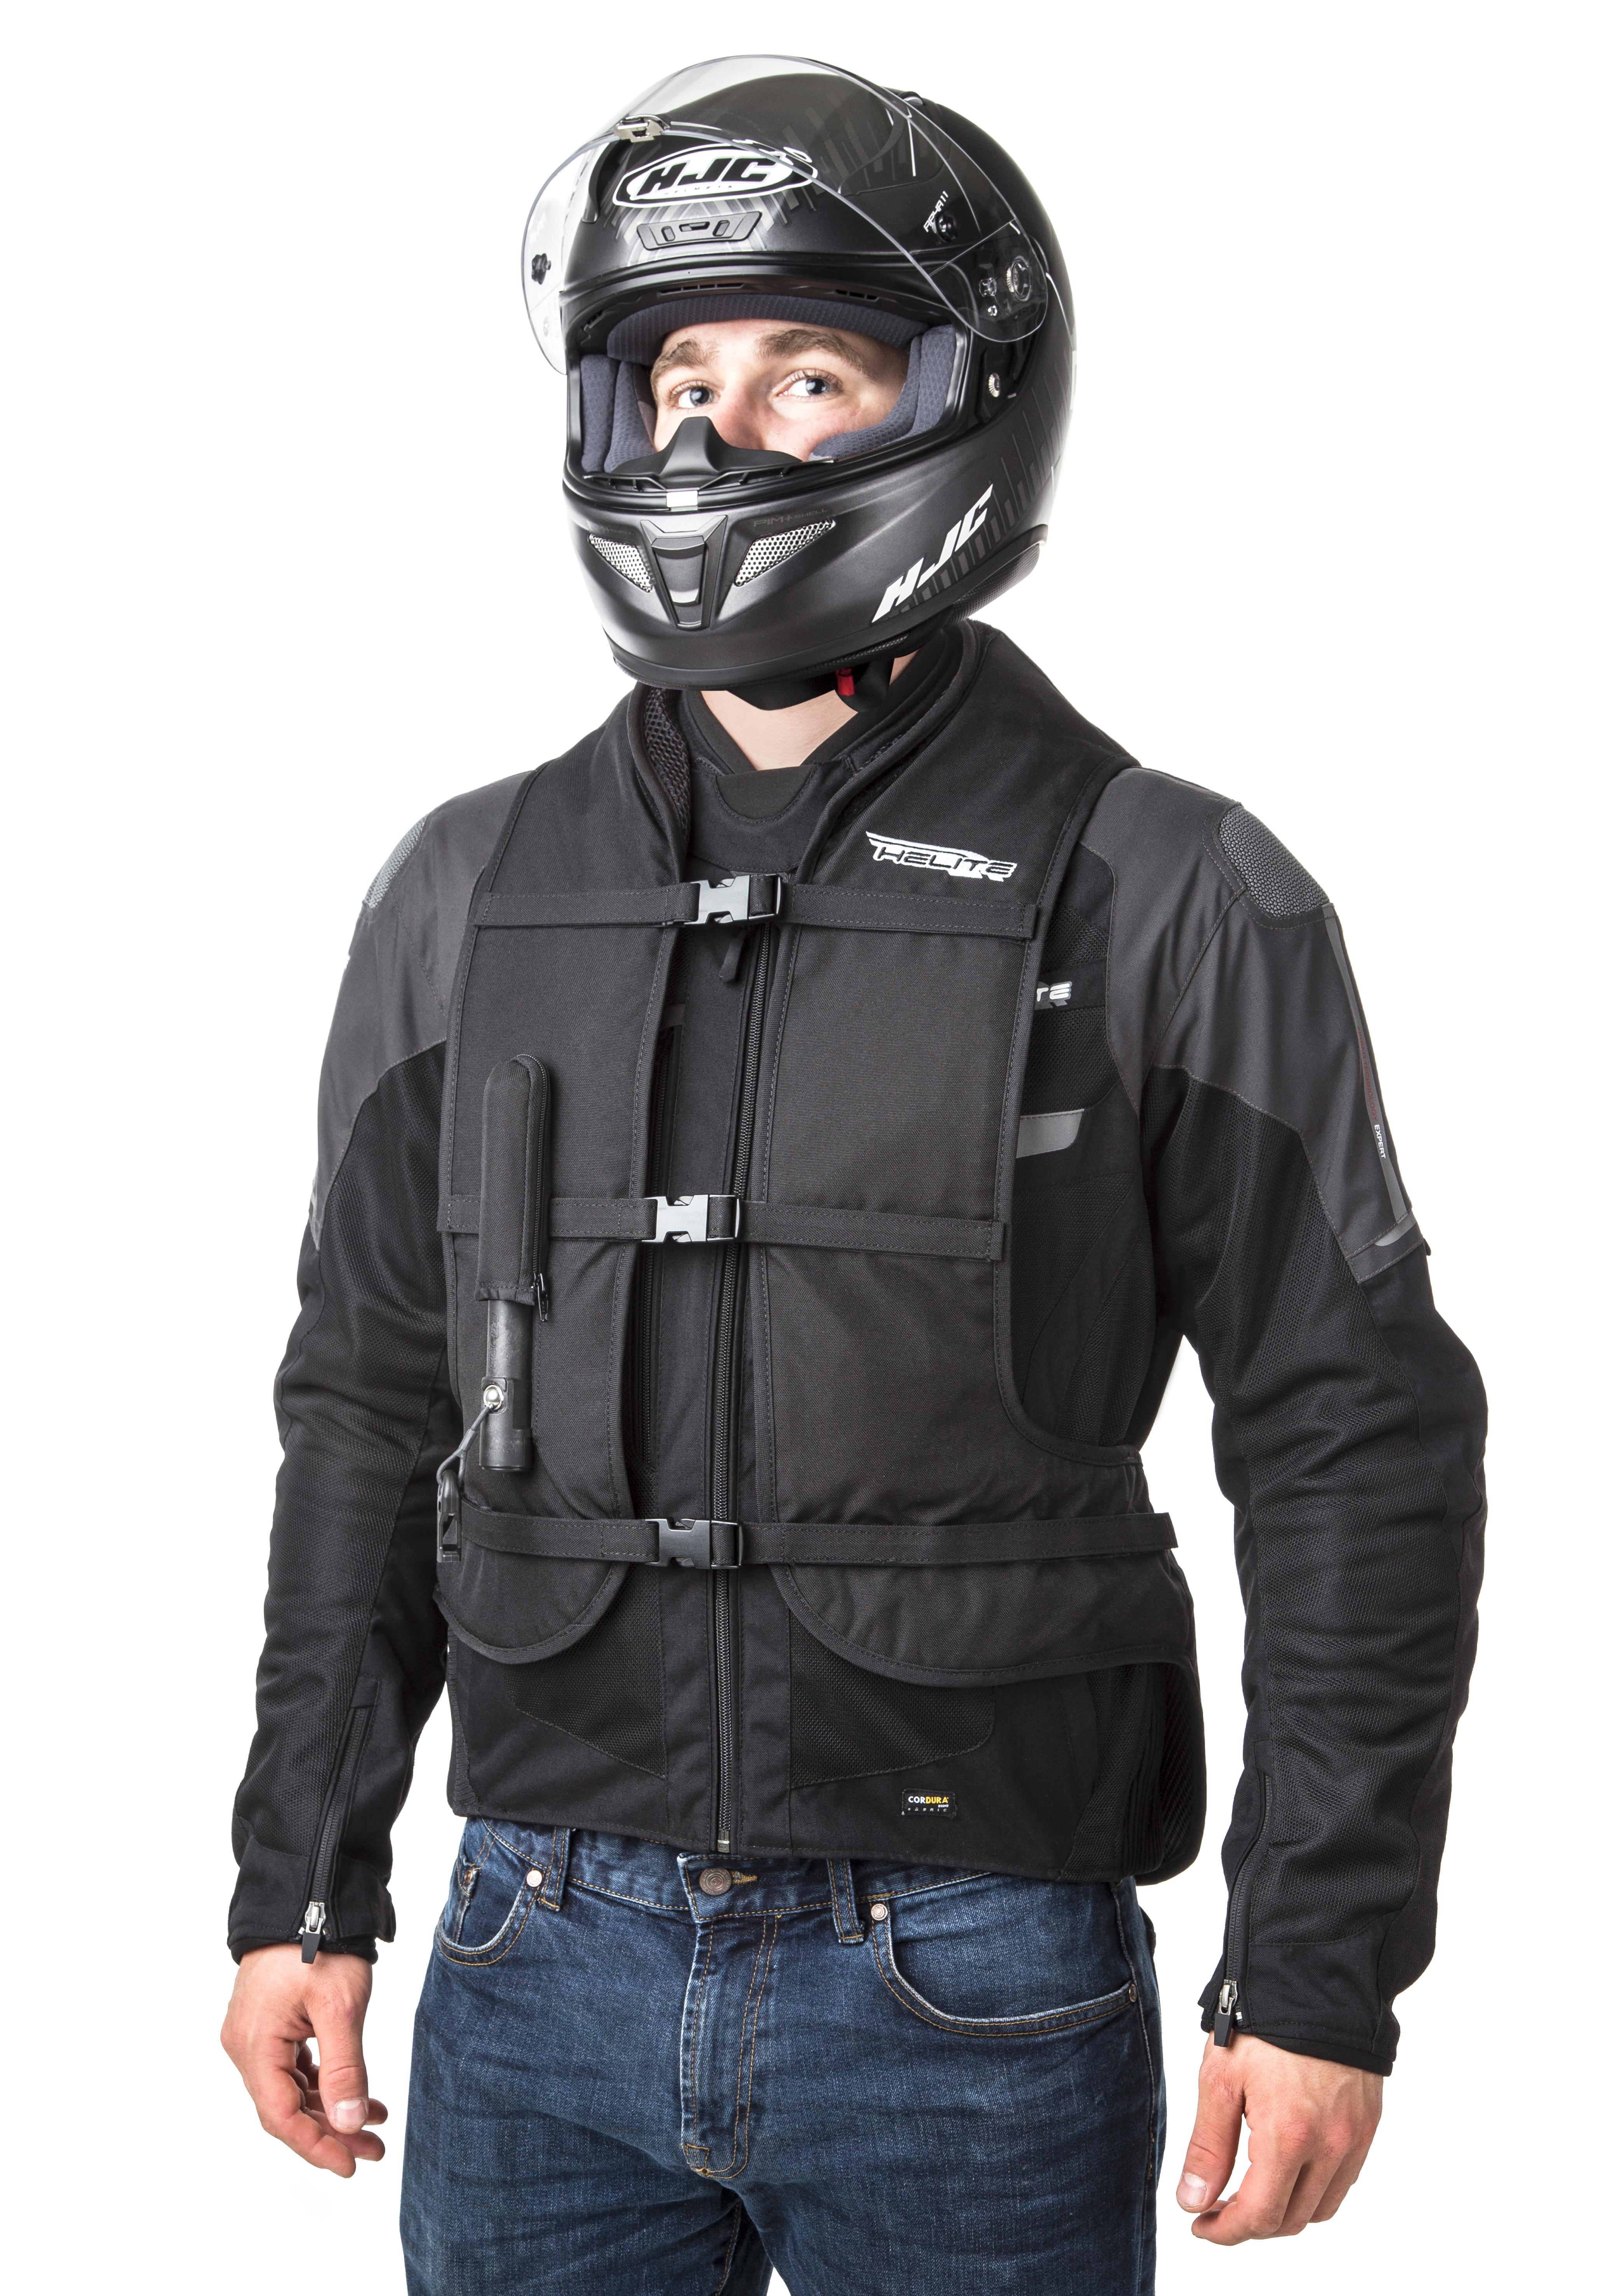 Turtle black helmet-3.4A